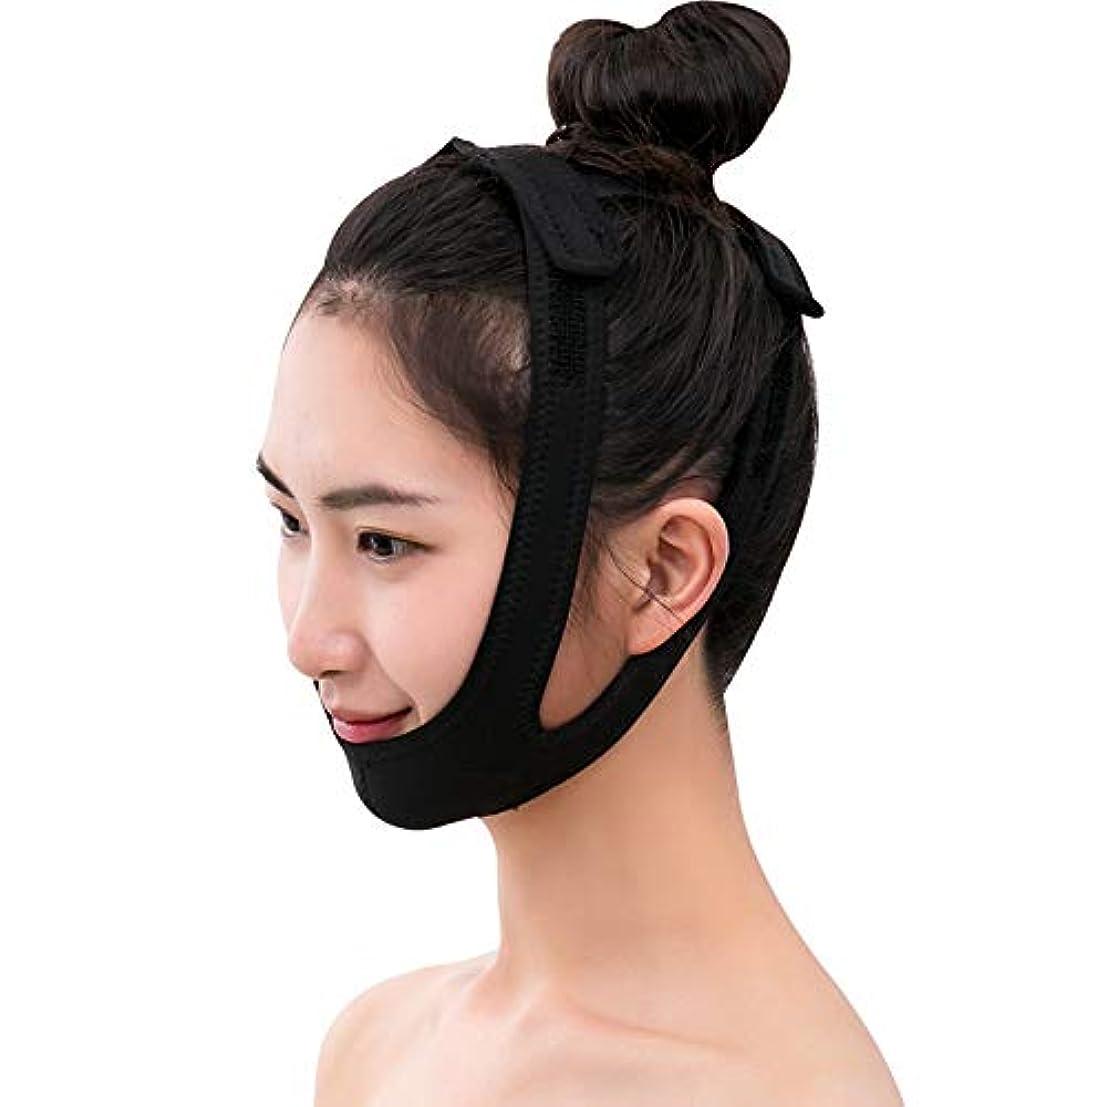 人間十分ですアウトドアフェイスリフトベルト 薄いフェイスバンド - 薄い顔の包帯ビューティーインストゥルメントフェイシャルリフト睡眠マスク法Vフェイスマスクの通気性を作る